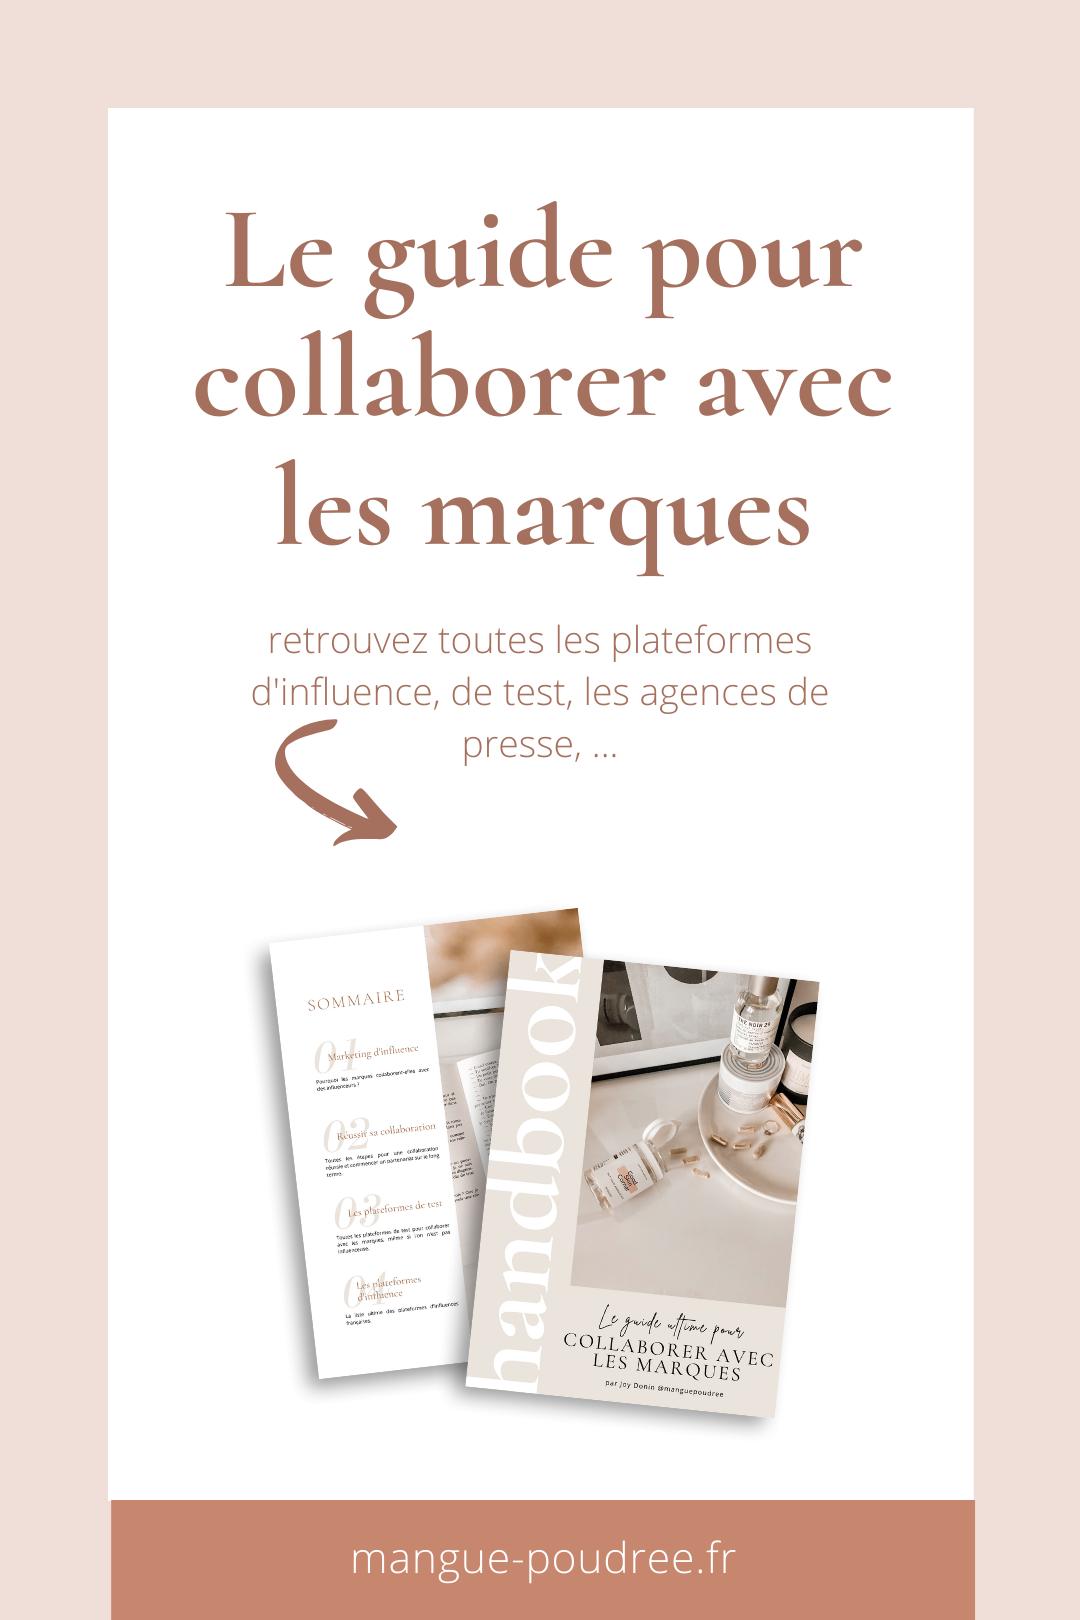 Comment collaborer avec les marques guide e-book - Blog Mangue Poudree - Blog mode et lifestyle a reims paris influenceuse - pinterest 01